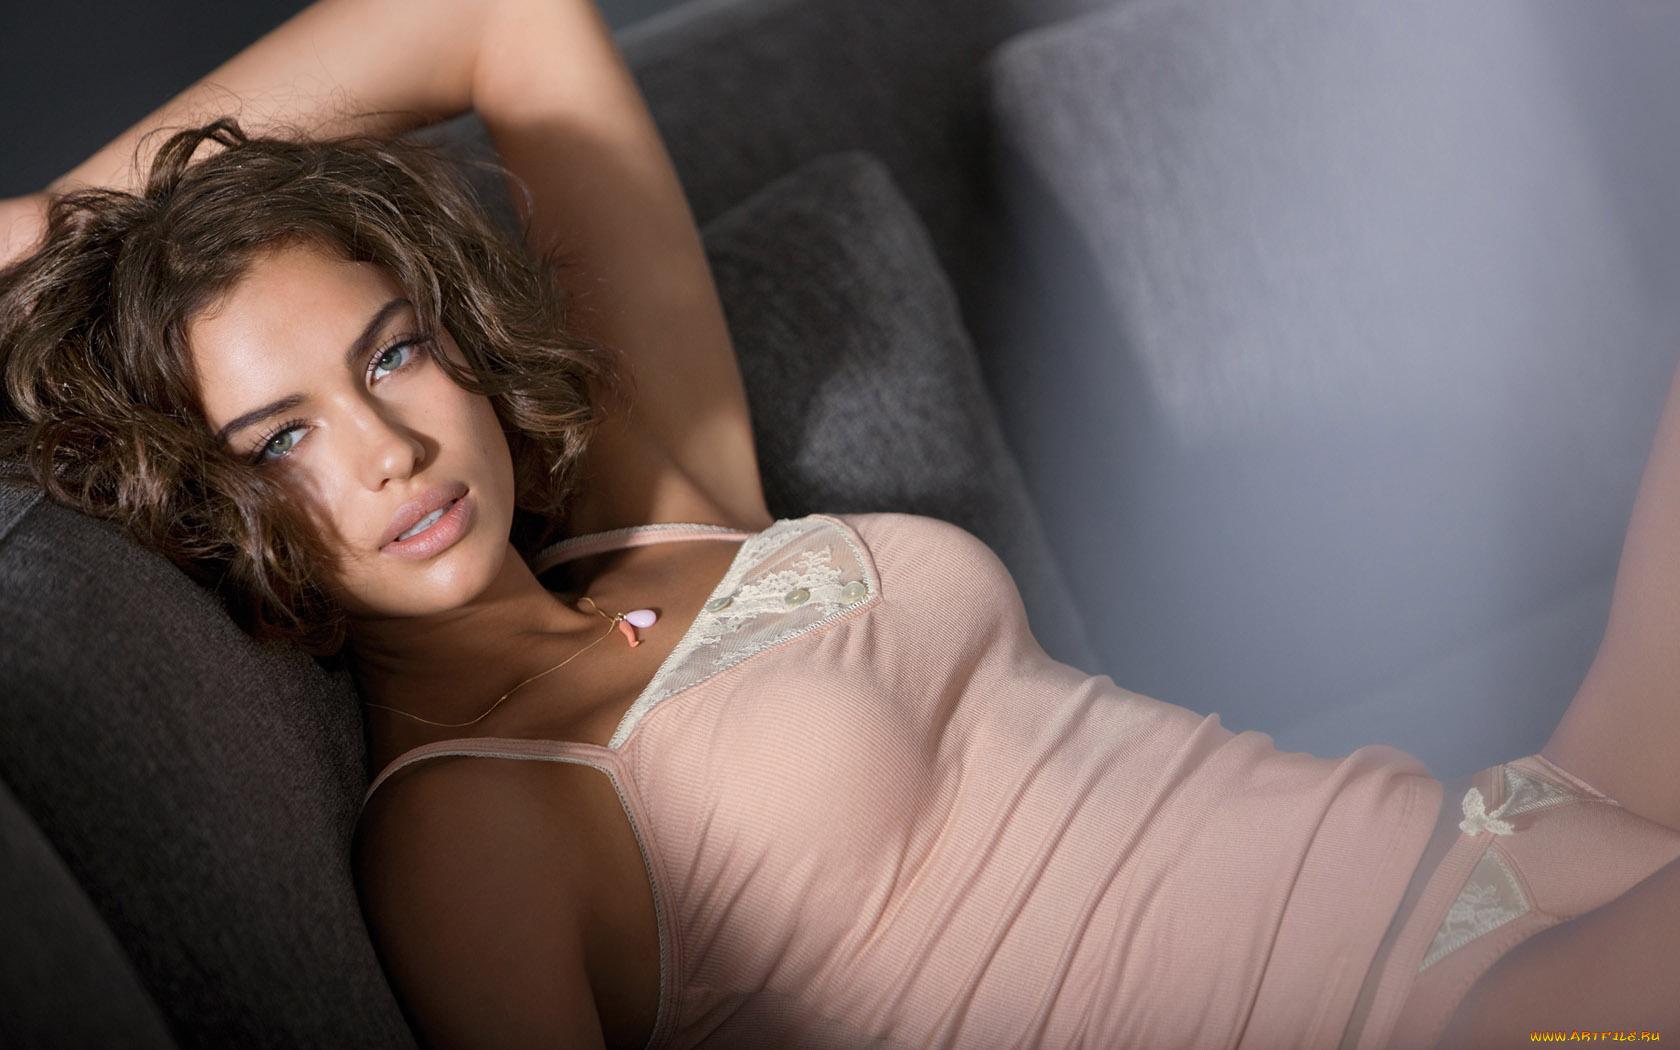 Секс красивыми девочками порно, Секс, стриптиз, красивые голые девушки. - МетаВидео 15 фотография